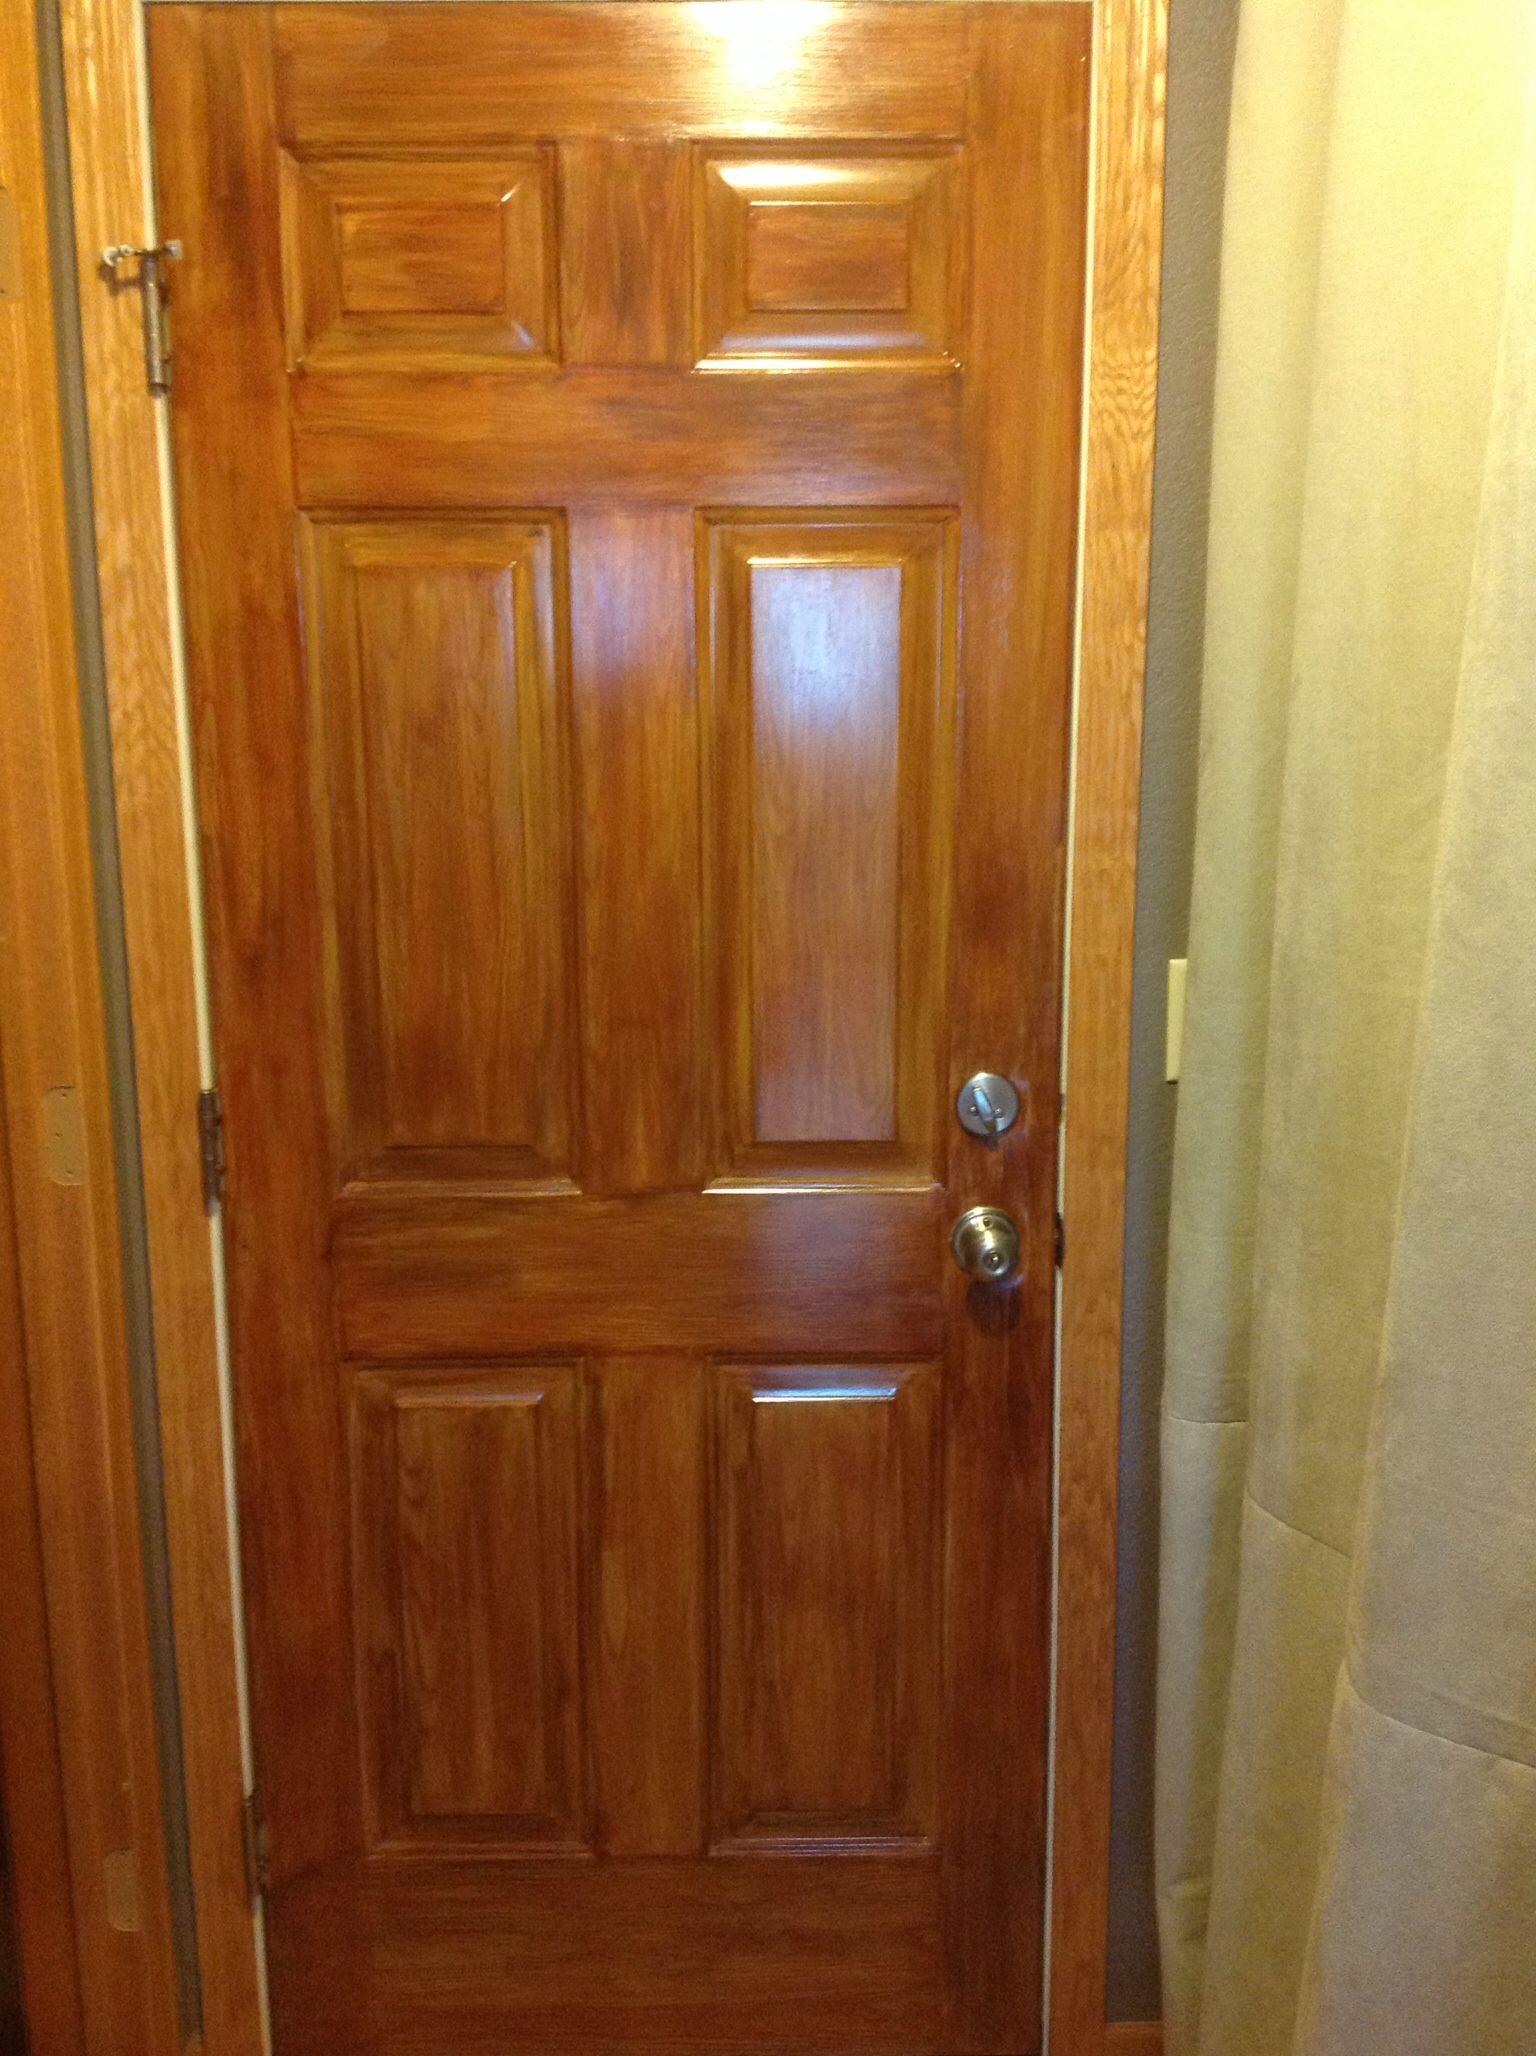 Wood grain finish on metal door. & Wood grain finish on metal door. | New house | Pinterest | Wood ... Pezcame.Com